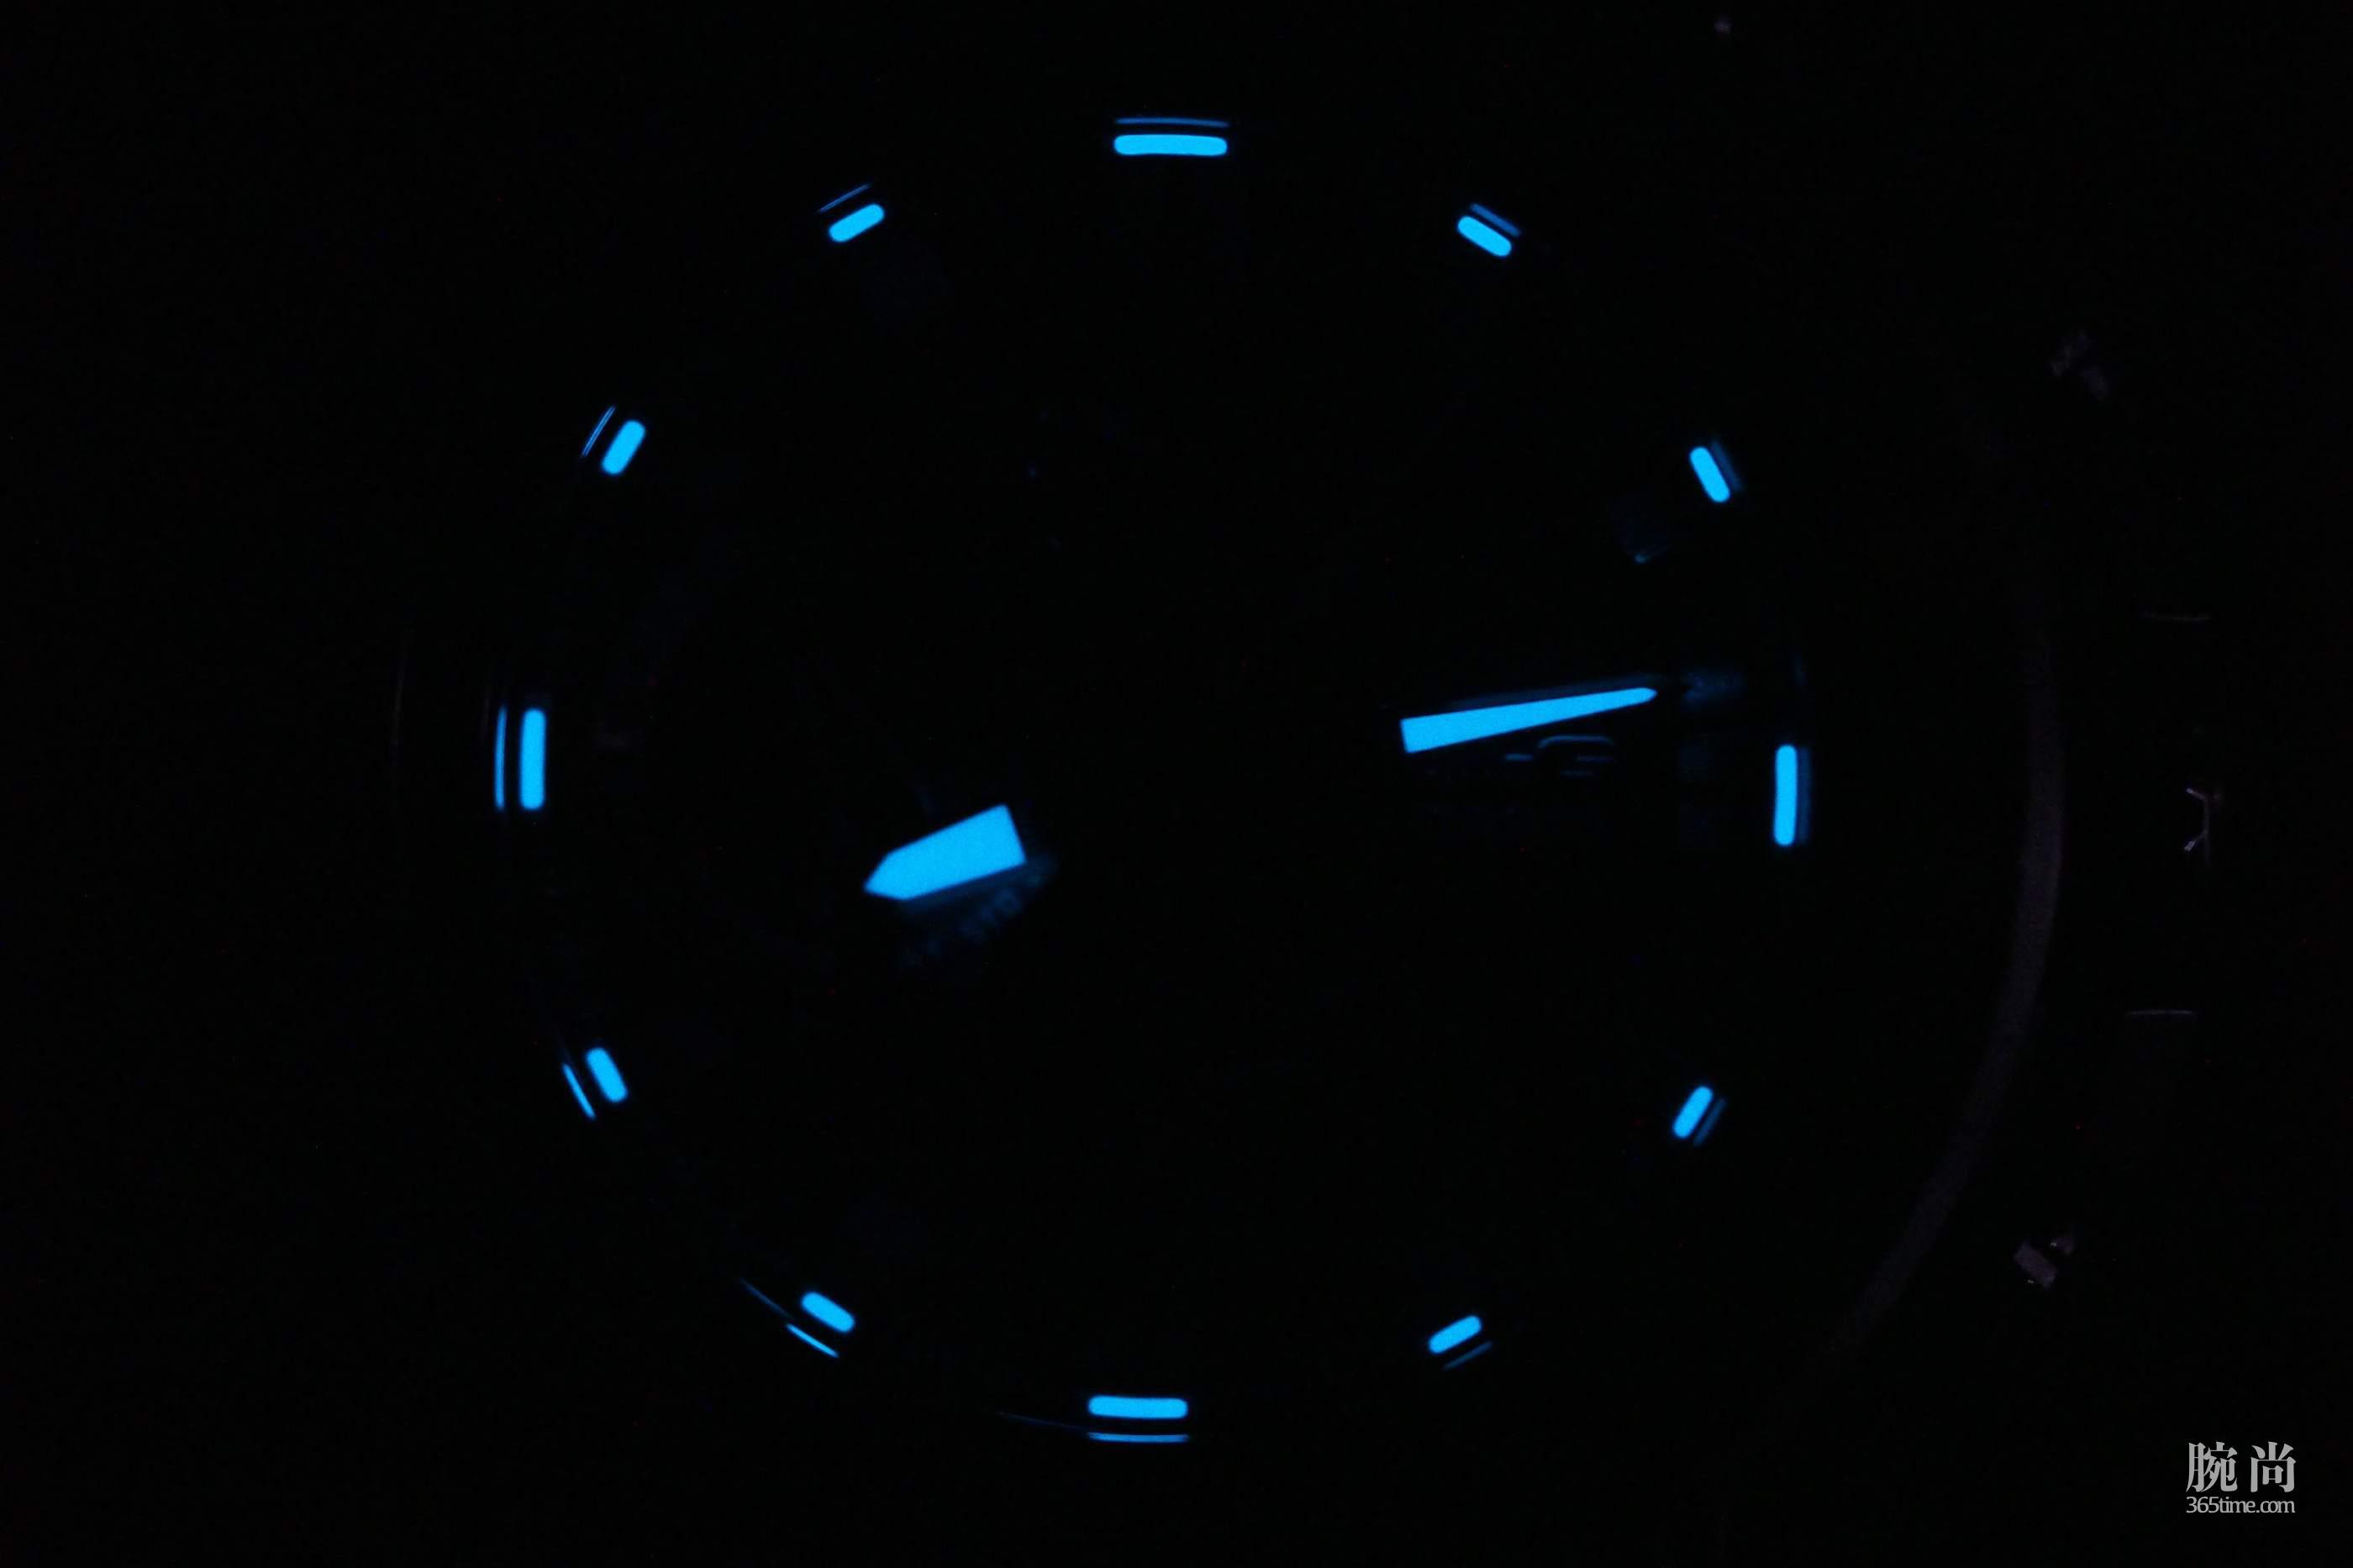 Casio-G-Shock-MTGB1000-1A-lume.jpg